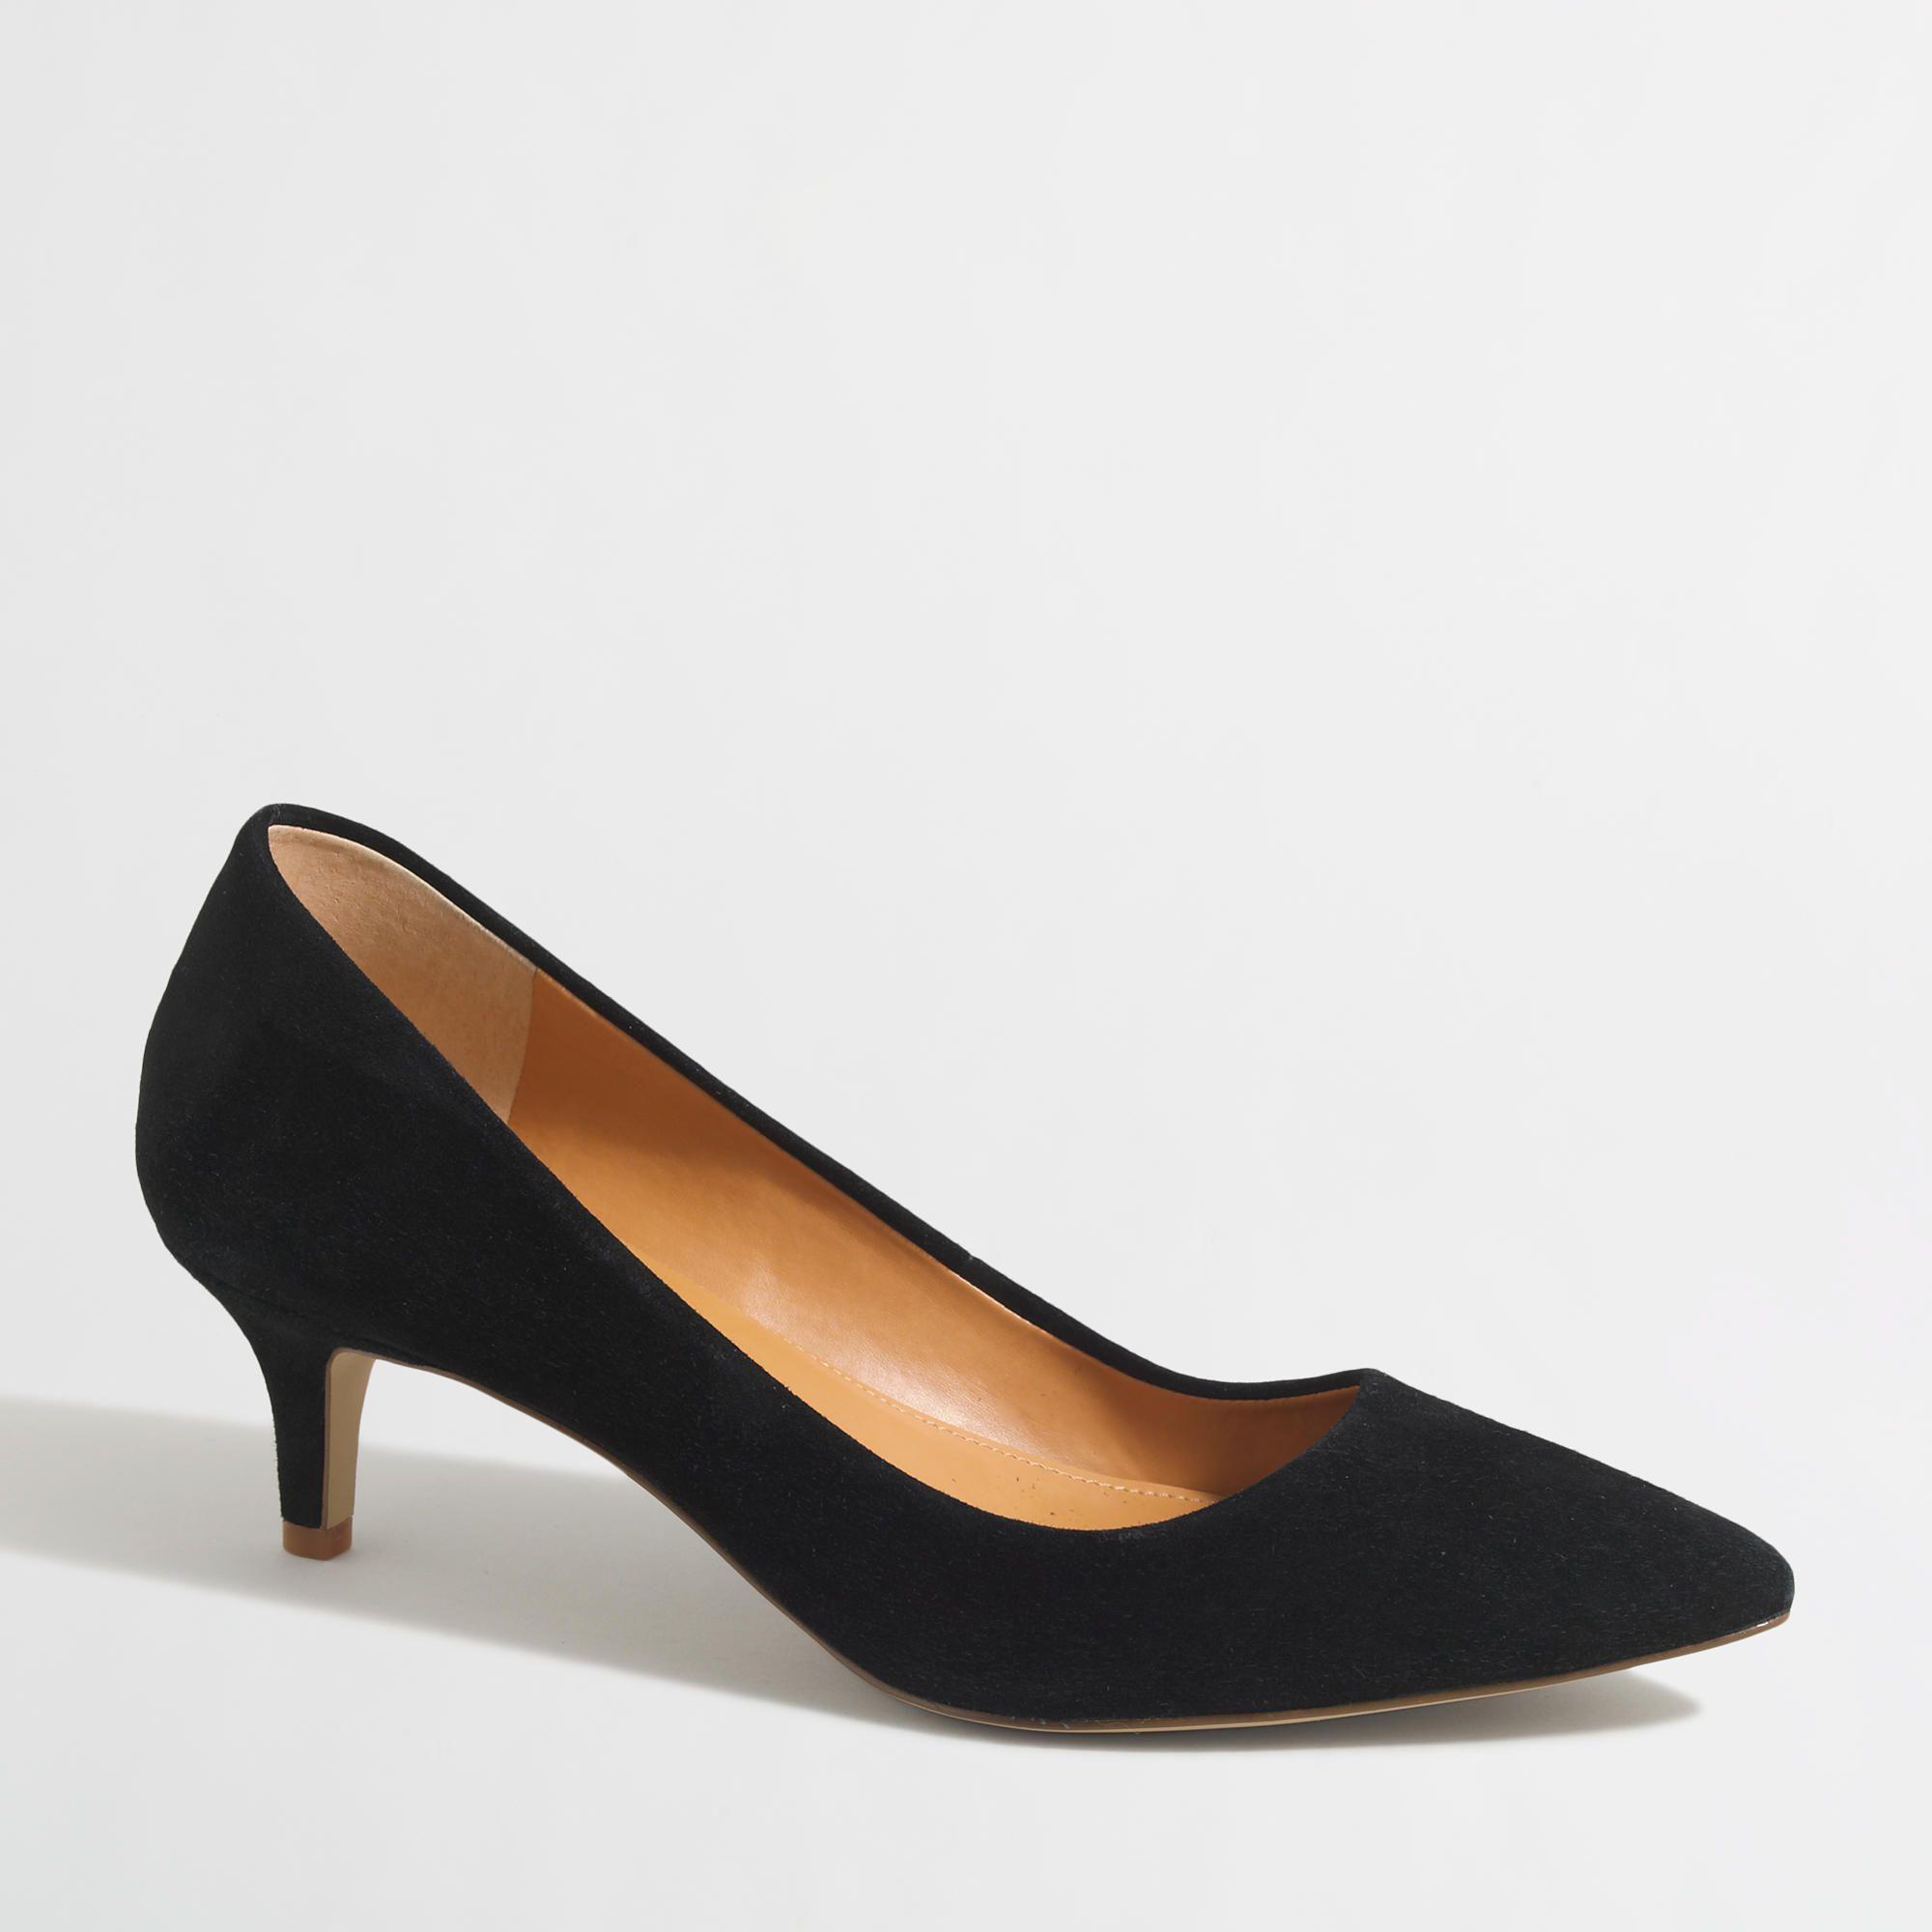 Factory Suede Kitten Heels J Crew Factory Kitten Heels Heels Trending Womens Shoes